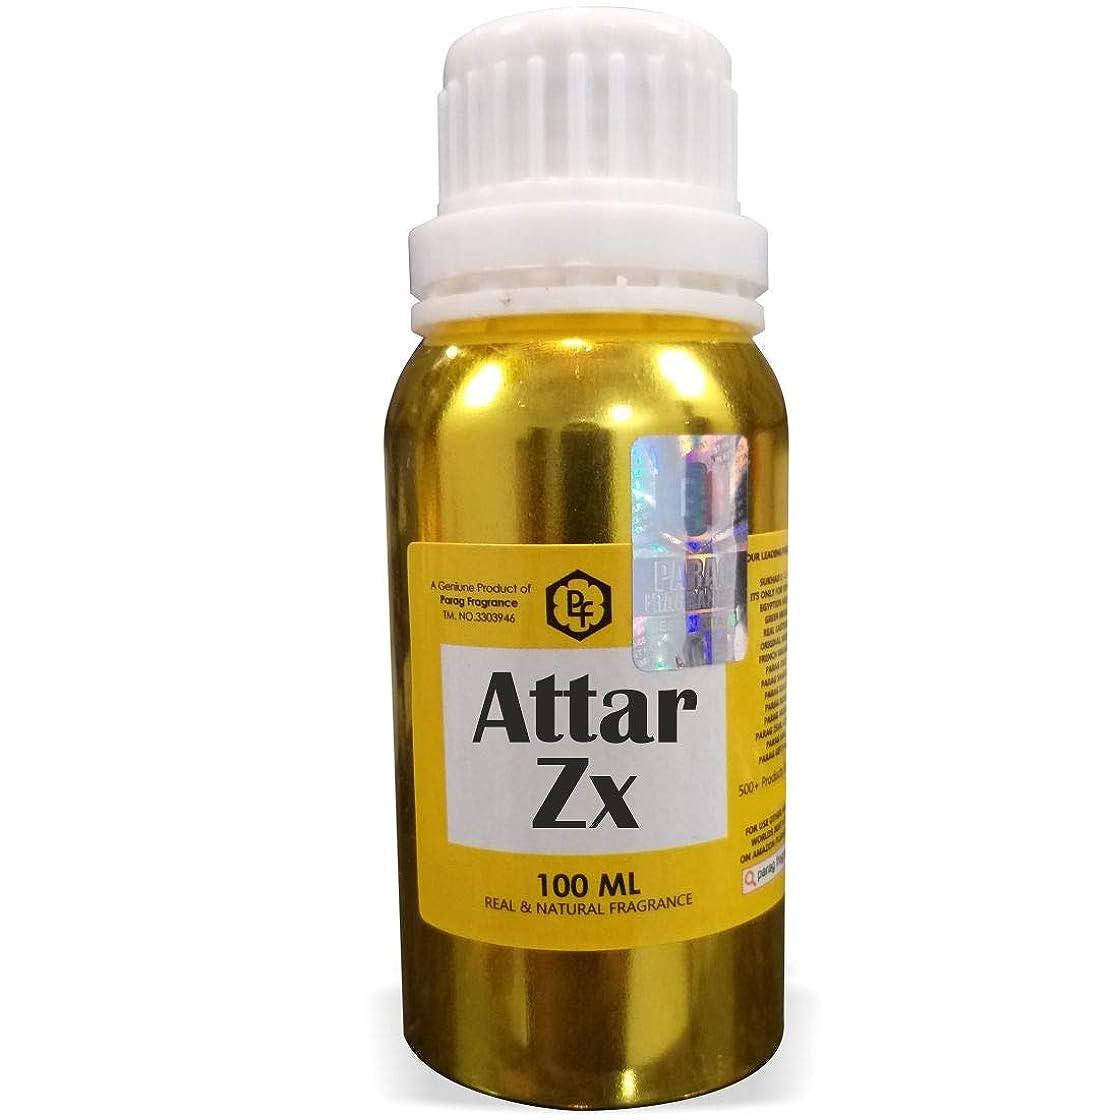 リール意識予防接種ParagフレグランスZxをアター100ミリリットル(男性用アルコールフリーアター)香油| 香り| ITRA